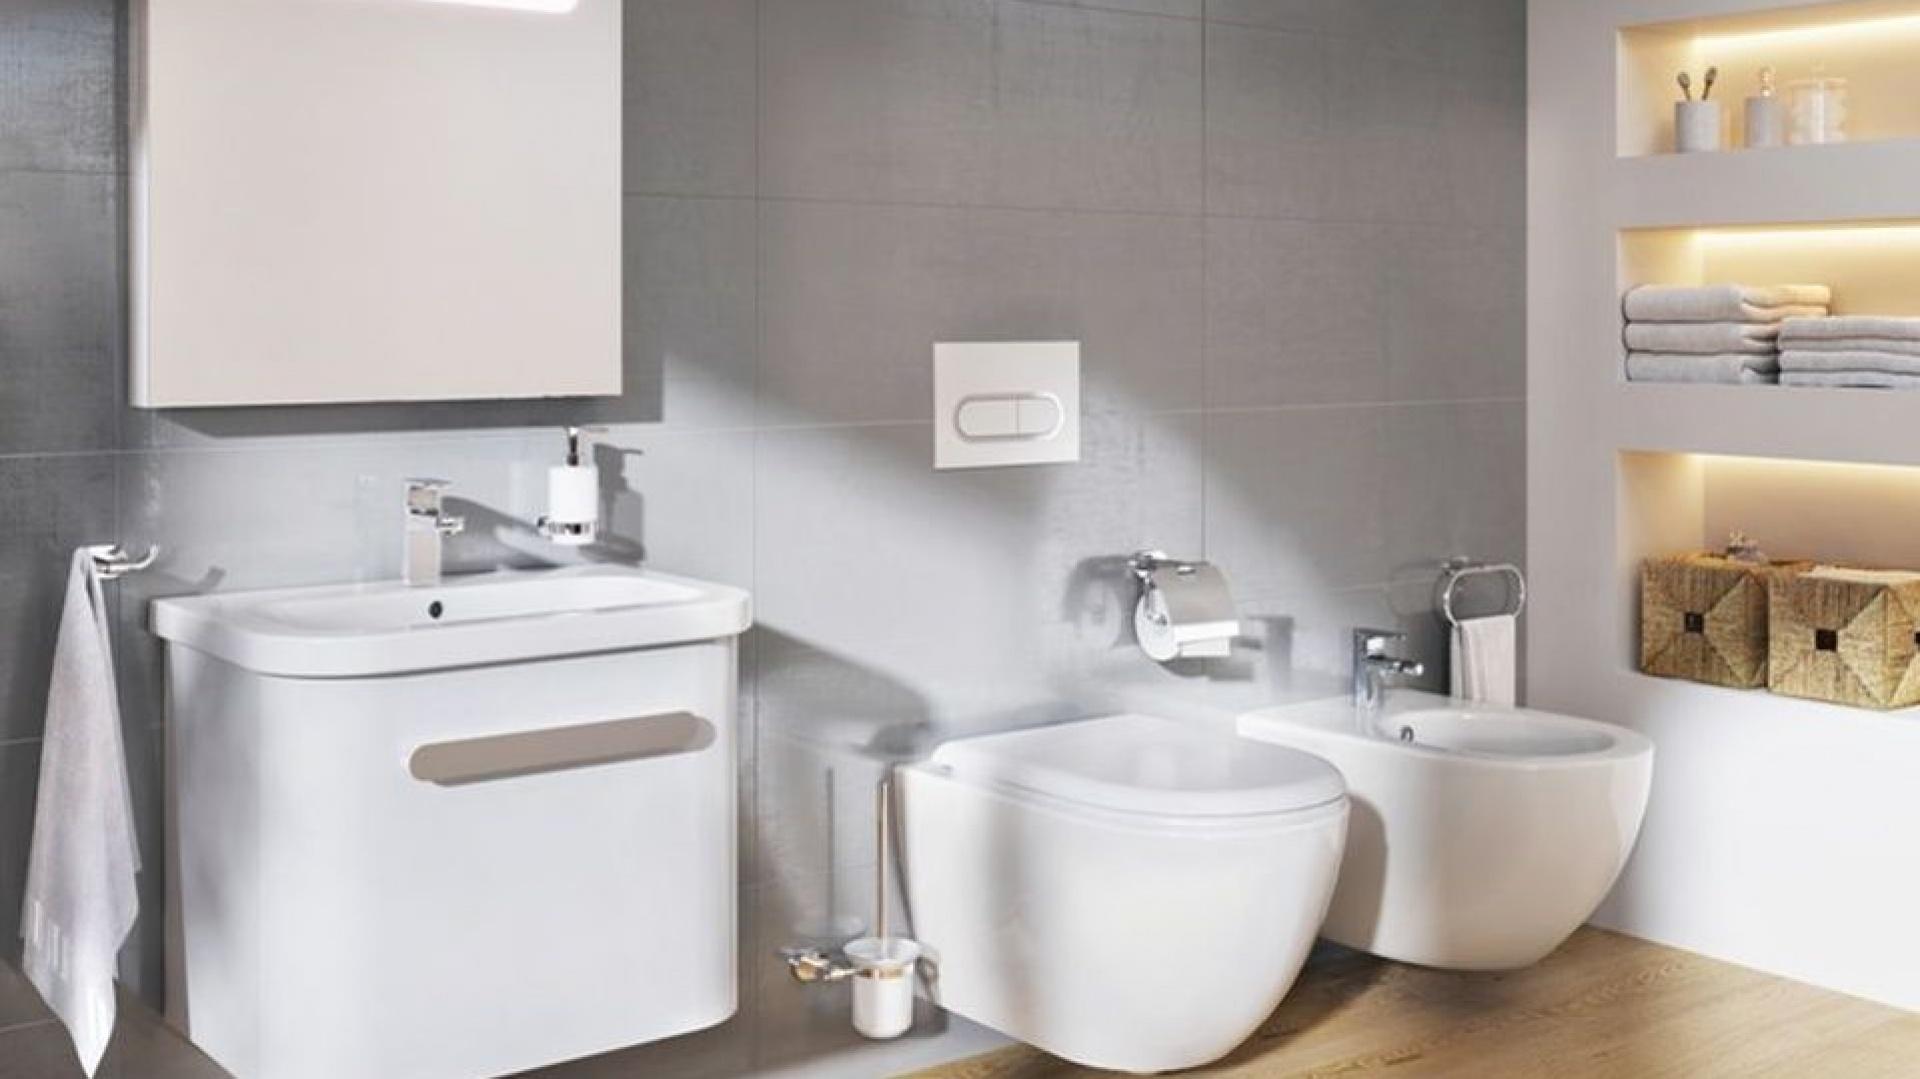 Nowości Do łazienki Wyposażenie Toalety